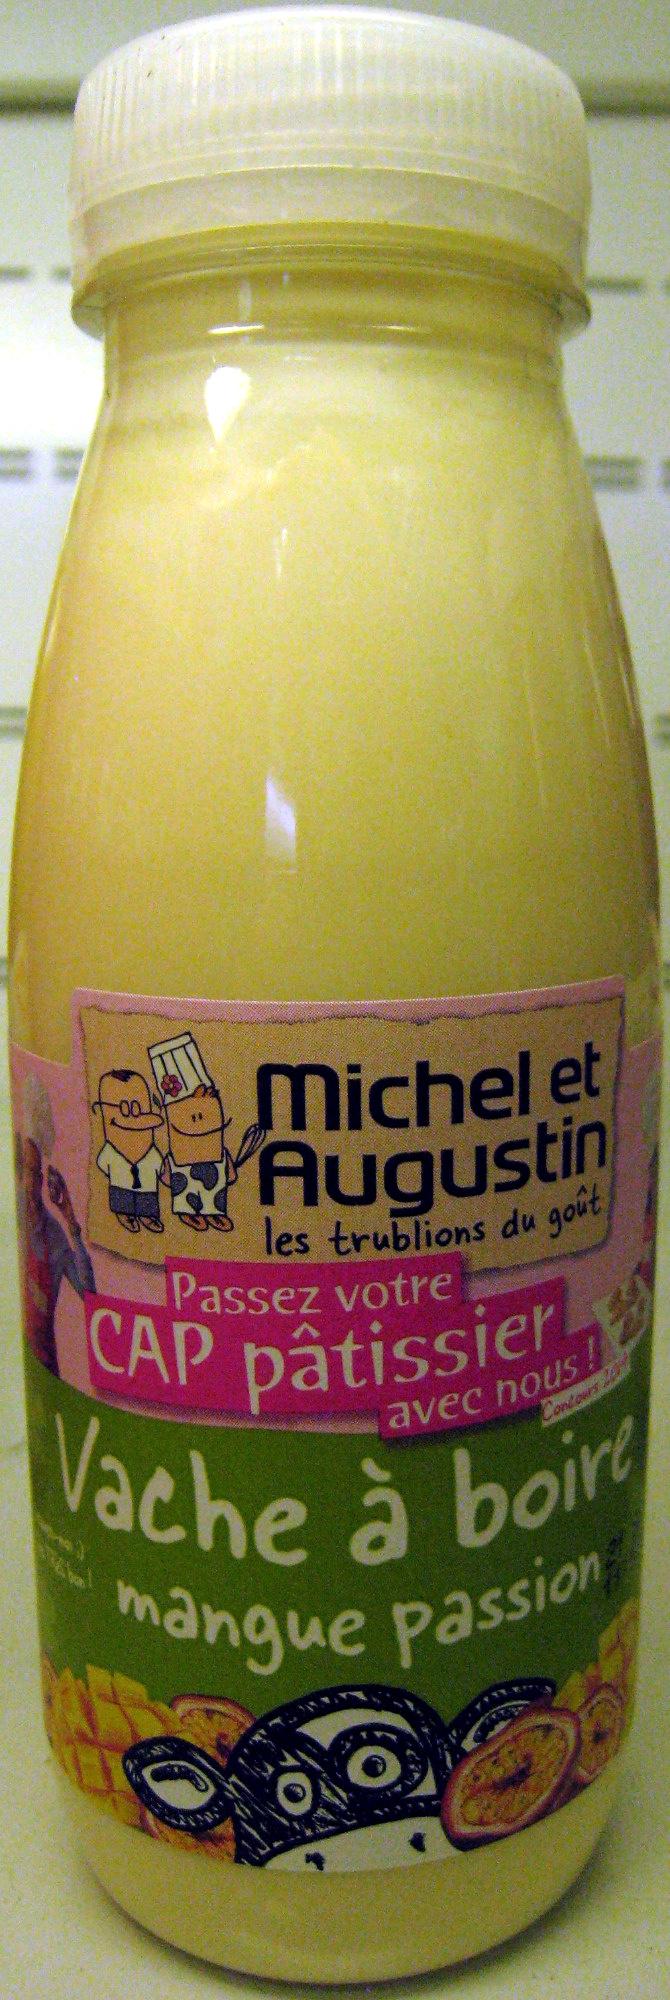 Vache à boire - mangue passion - Prodotto - fr